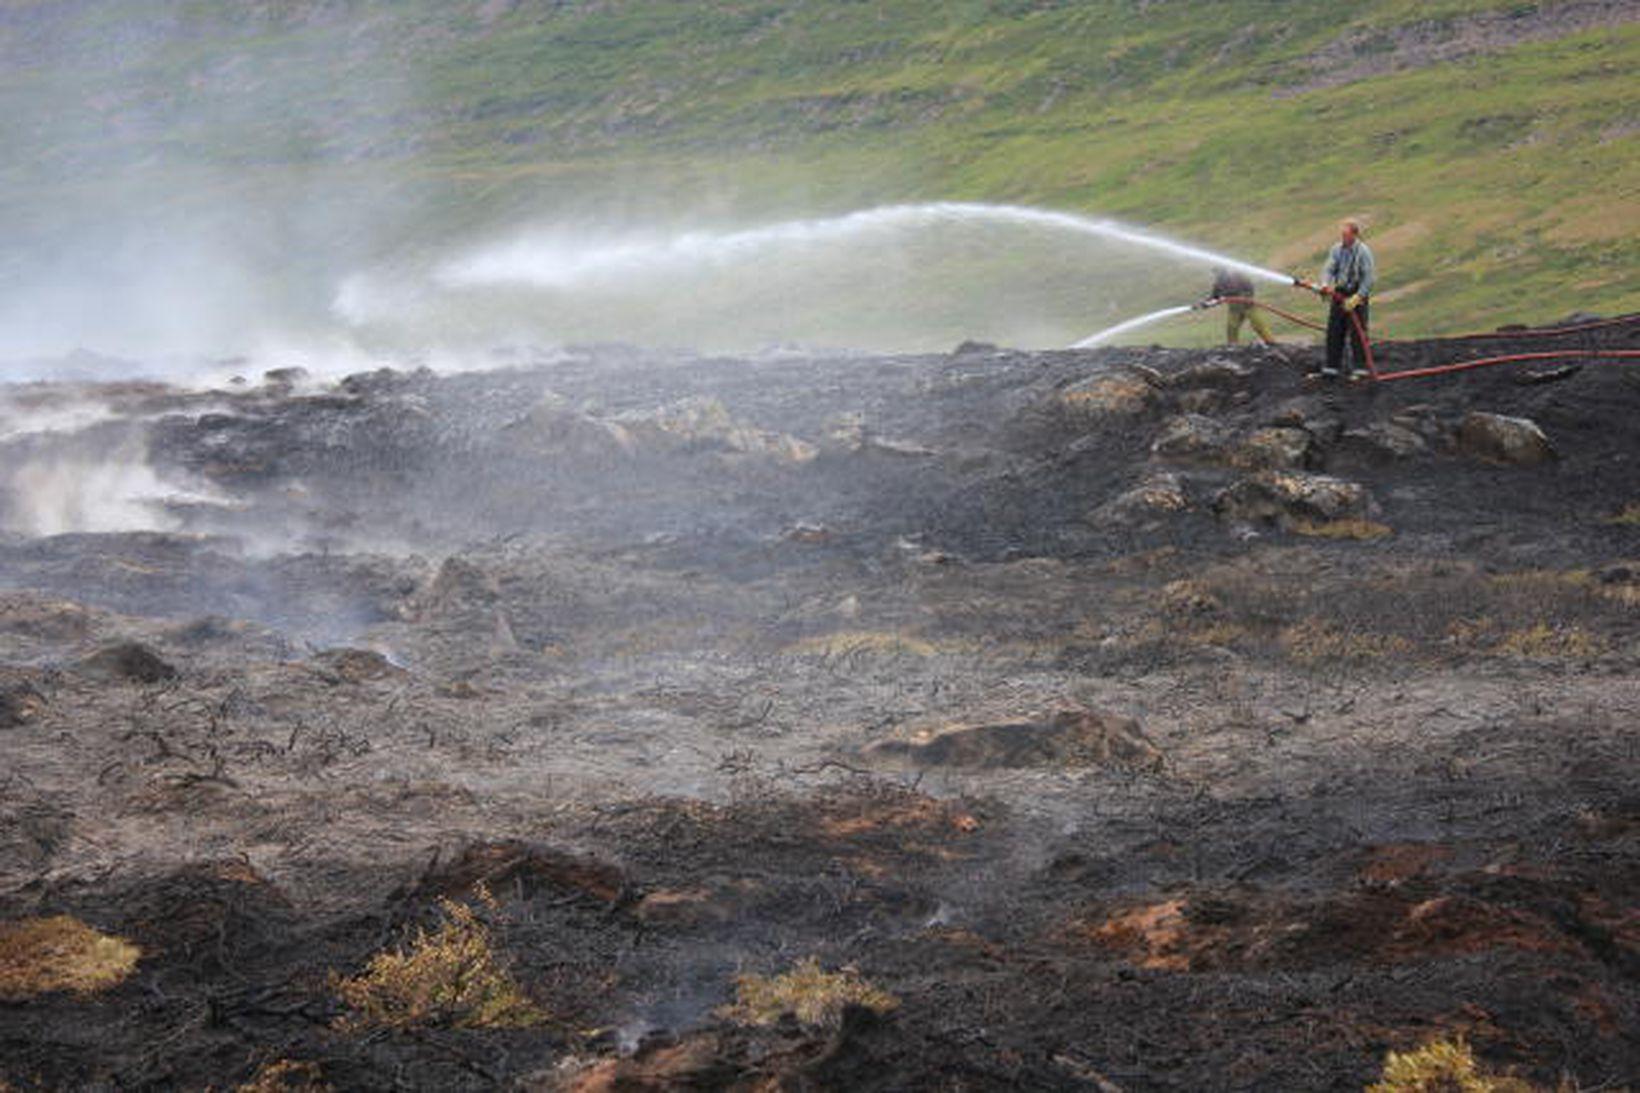 Slökkviliðsmenn úr slökkviliði Súðavíkur að störfum á vettvangi í gær.